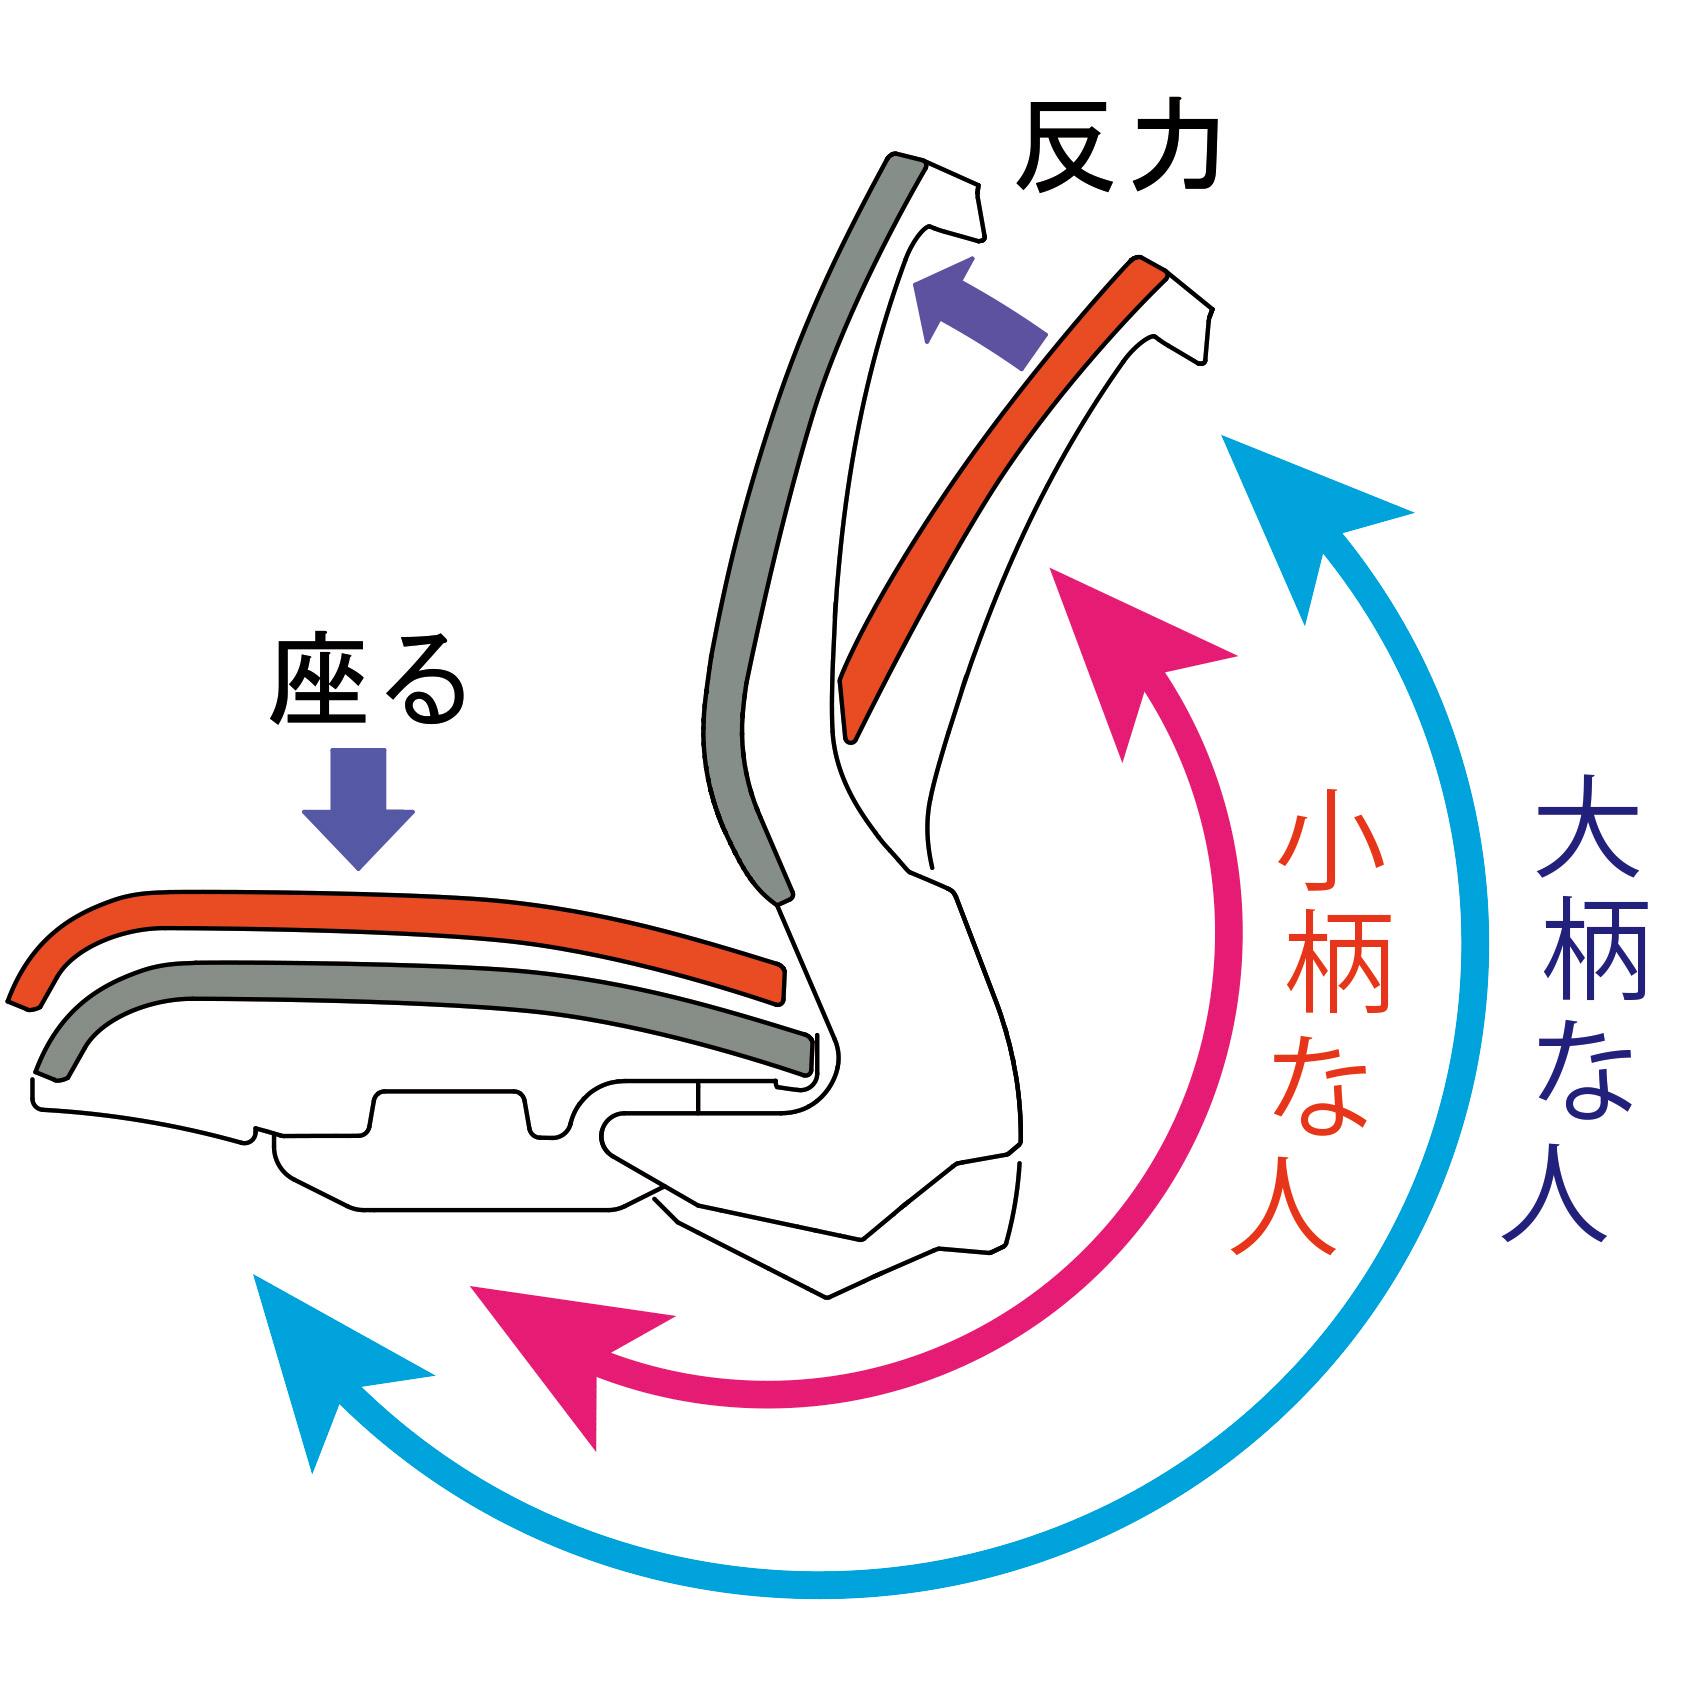 FST-88_ロッキング説明図